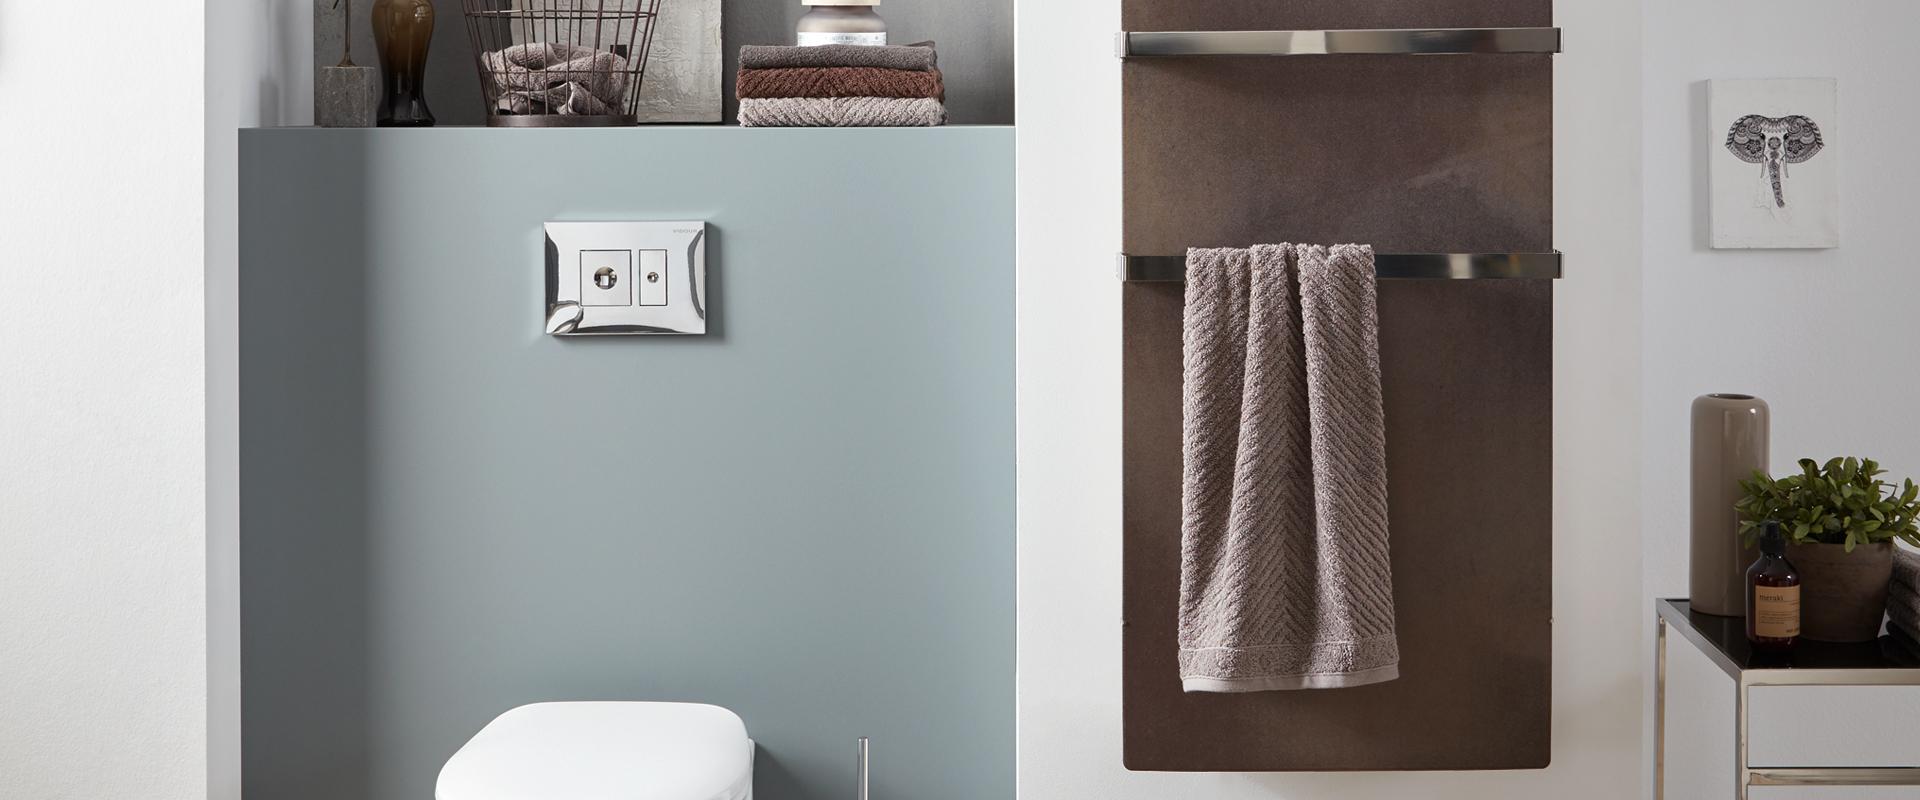 Elektrische Badheizkörper kaufen  wibo